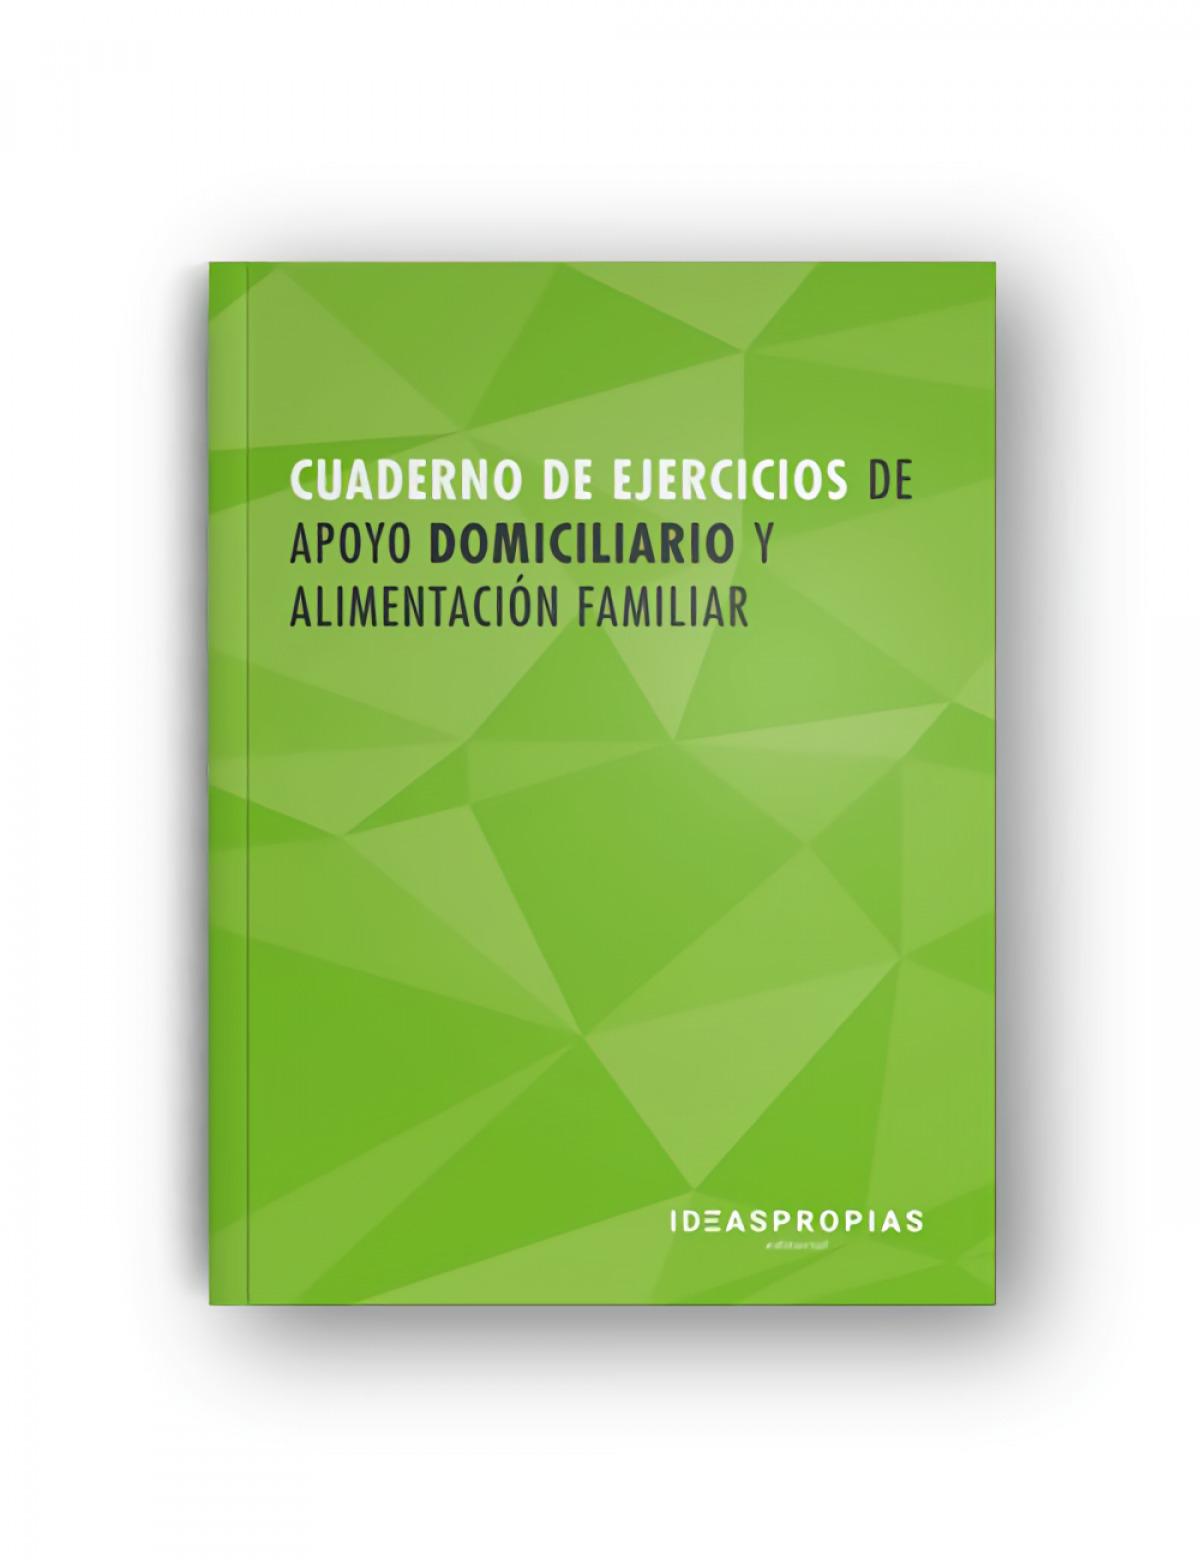 Cuaderno de ejercicios MF0251_2 Apoyo domiciliario y alimentación